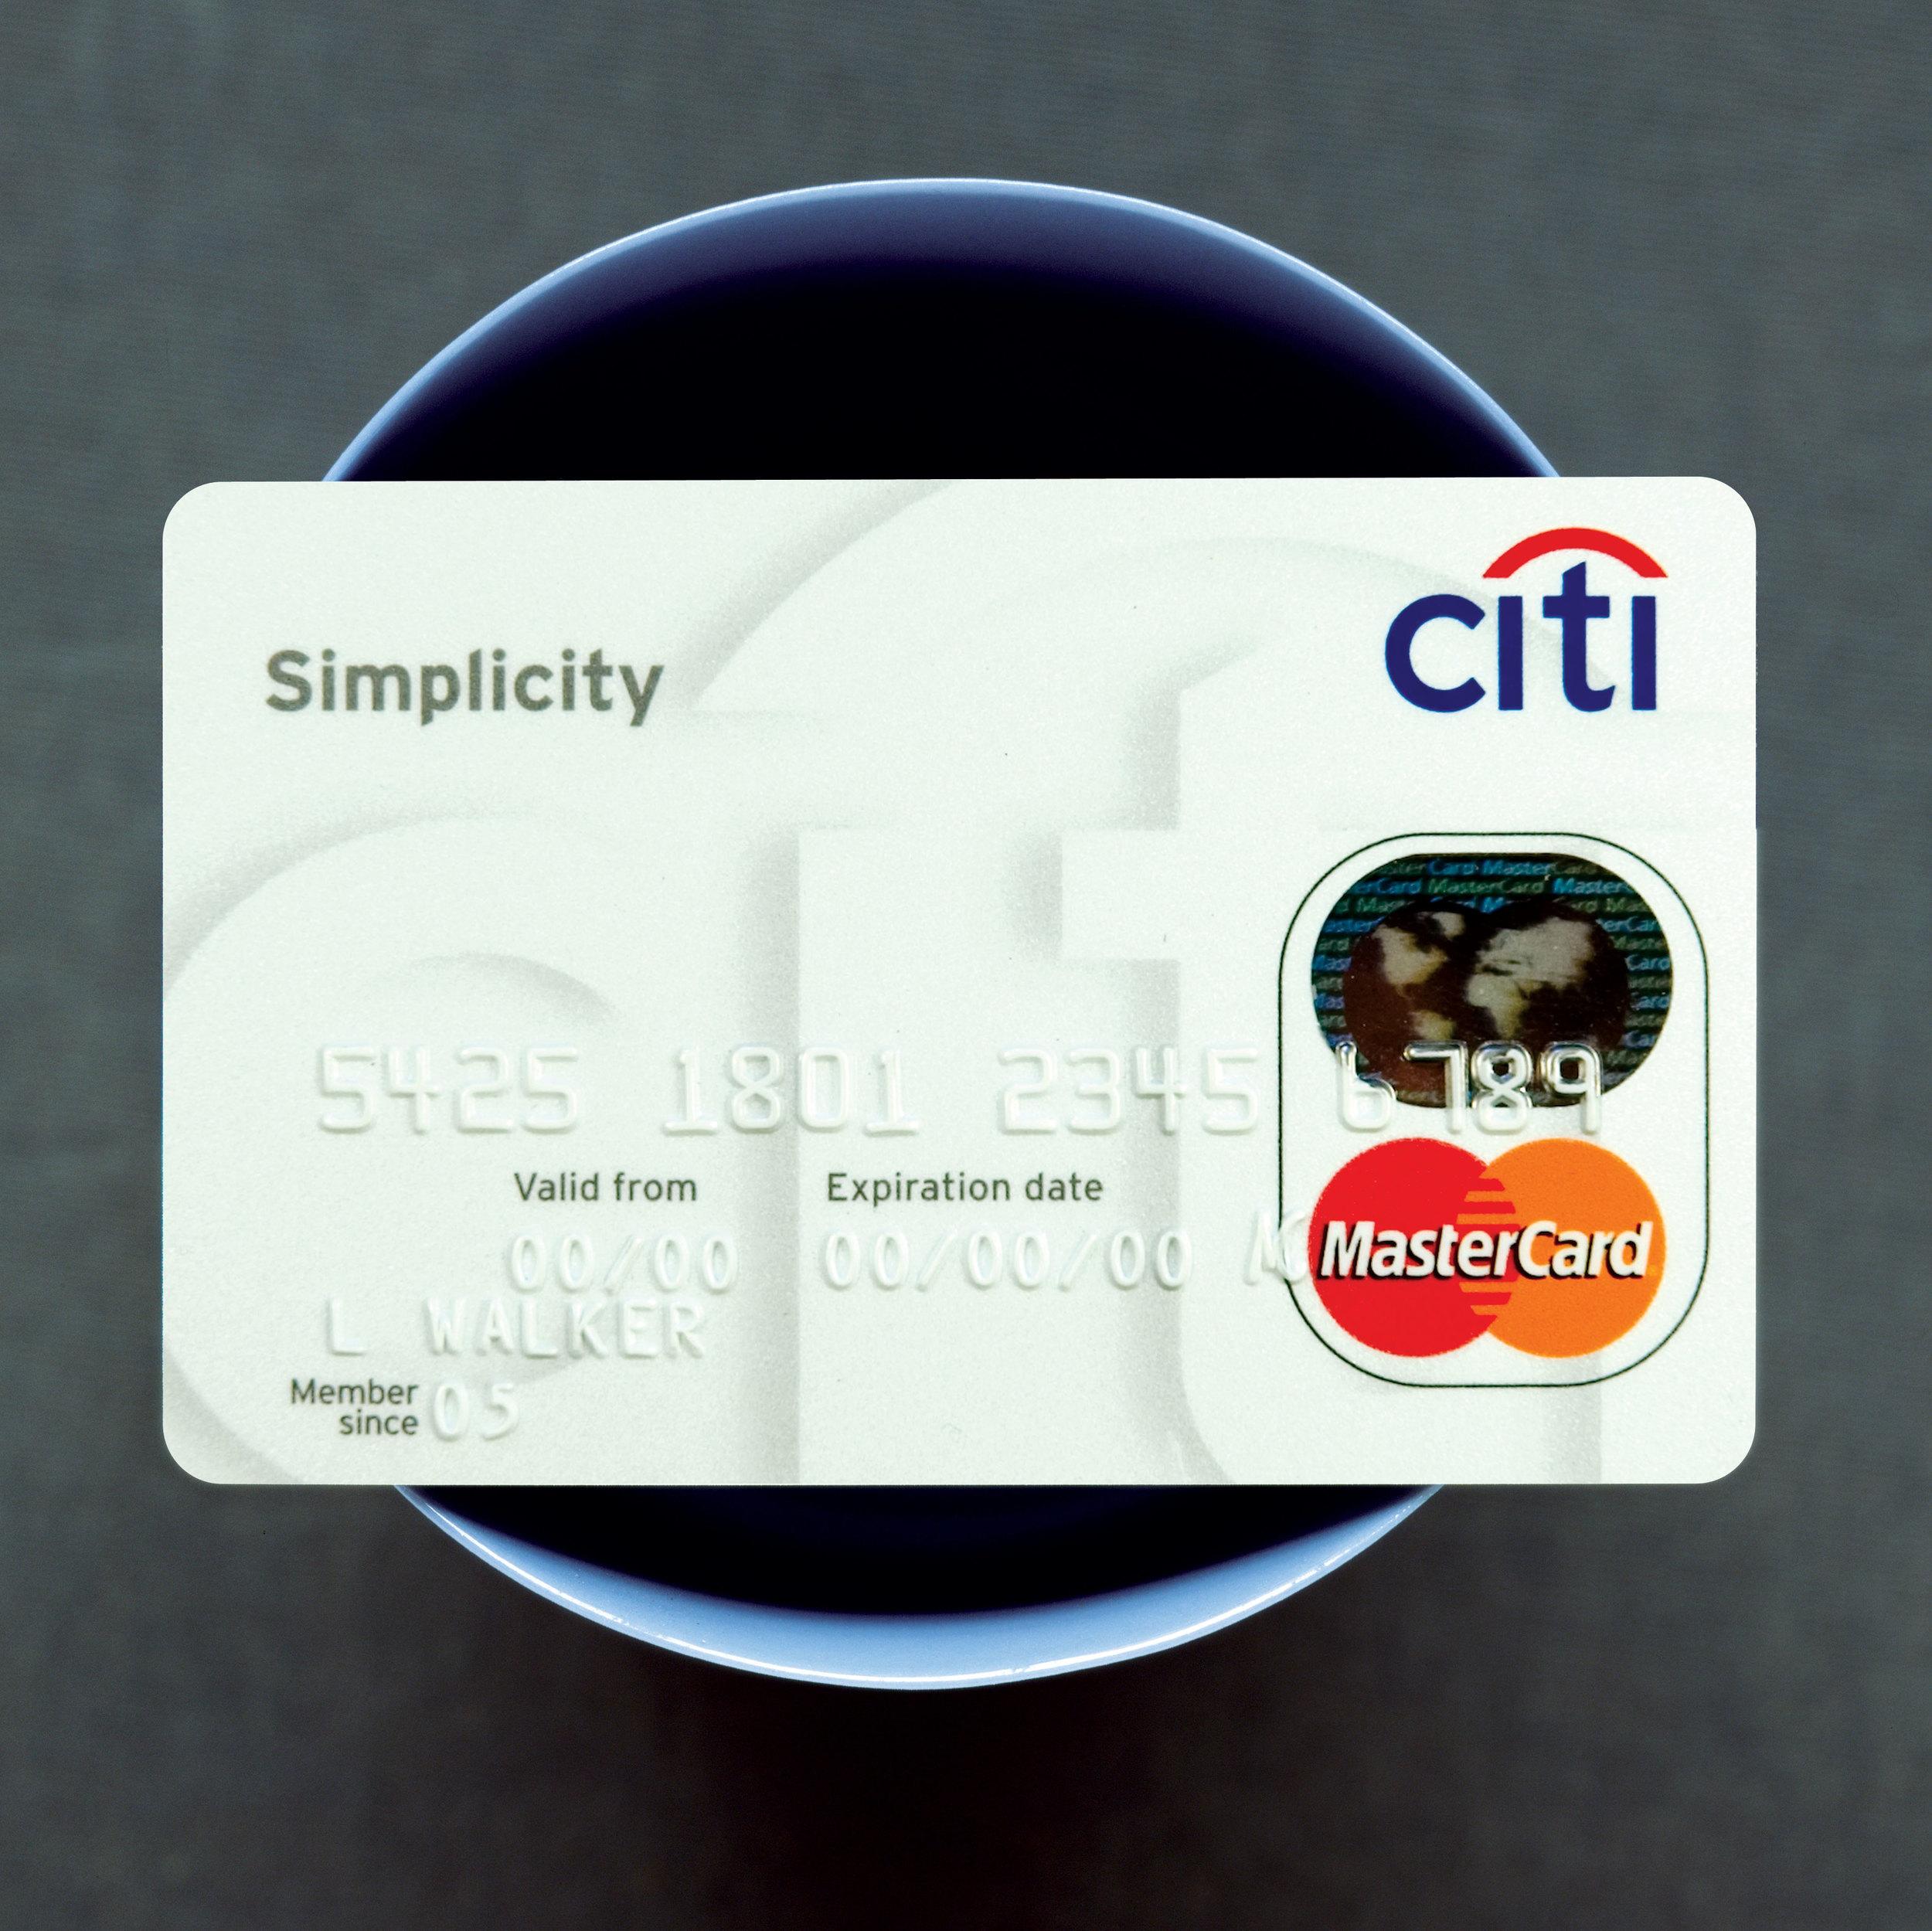 Simplicity-card-set-up.jpg